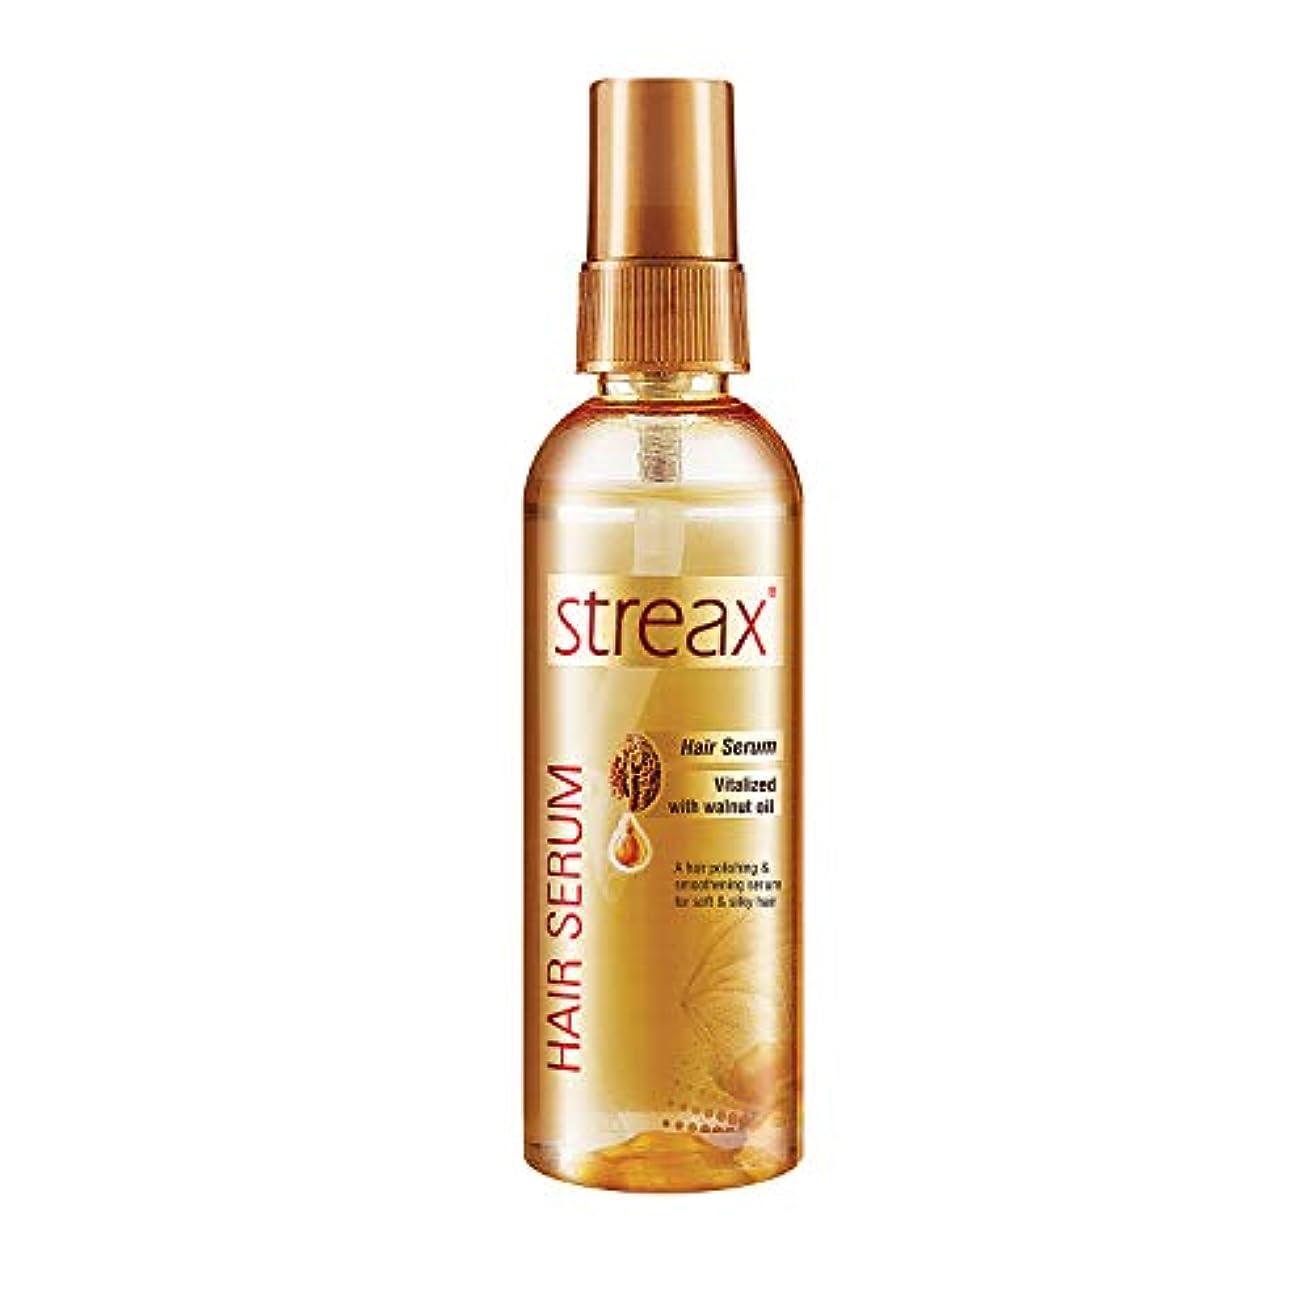 配分中央値いたずらクルミオイルで強化しStreax髪血清は縮れフリーサテンスムースヘア100ミリリットルを提供します( 3.5オンス)Streax Hair Serum Enriched with Walnut Oil Gives Frizz-free...